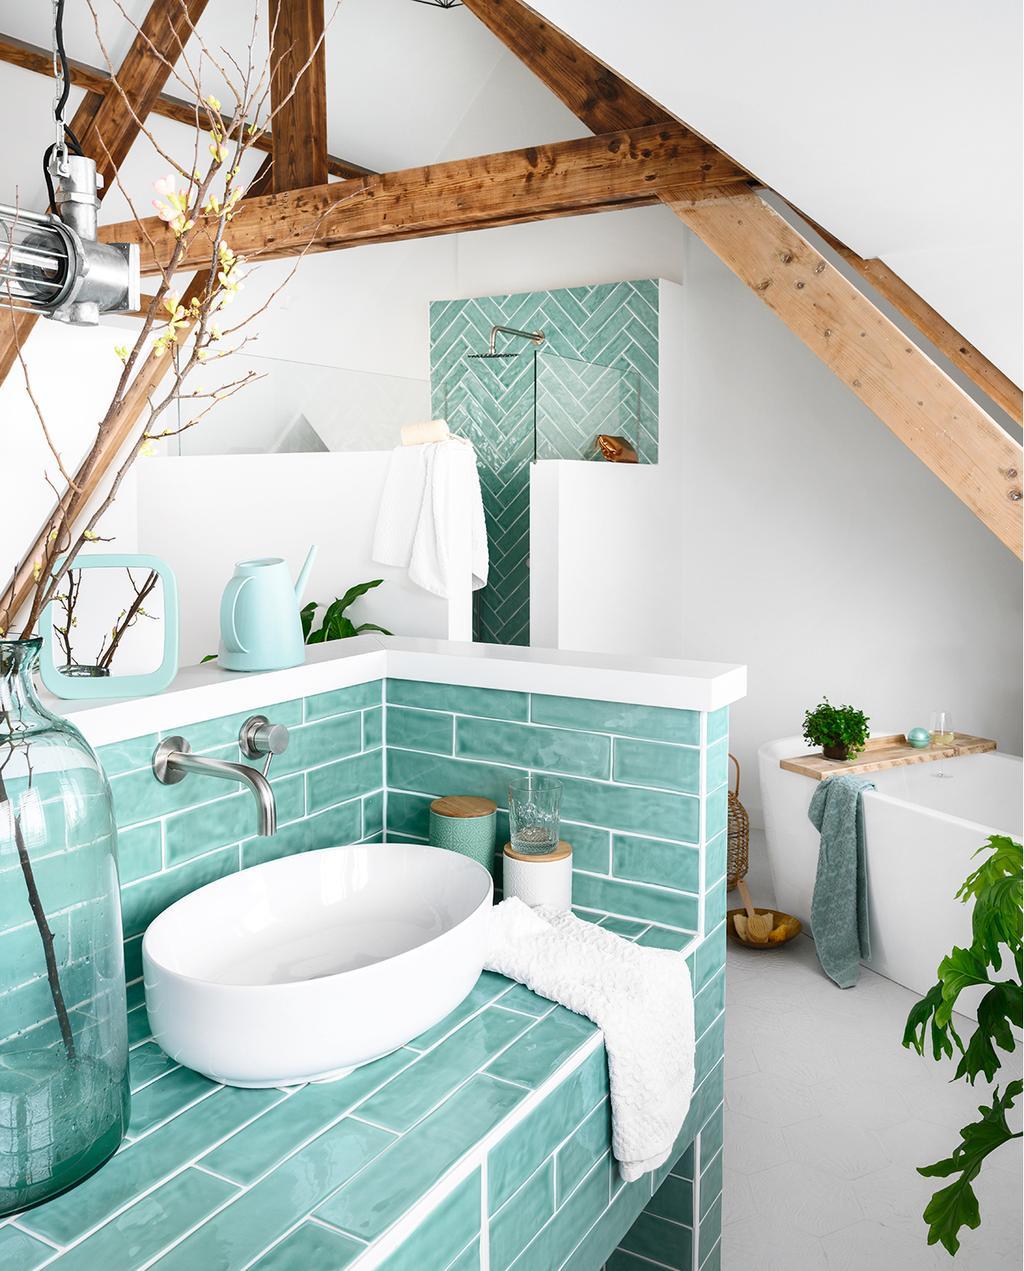 vtwonen 05-2020 | riant familiehuis Breda badkamer groen badkamermeubel en houten balken